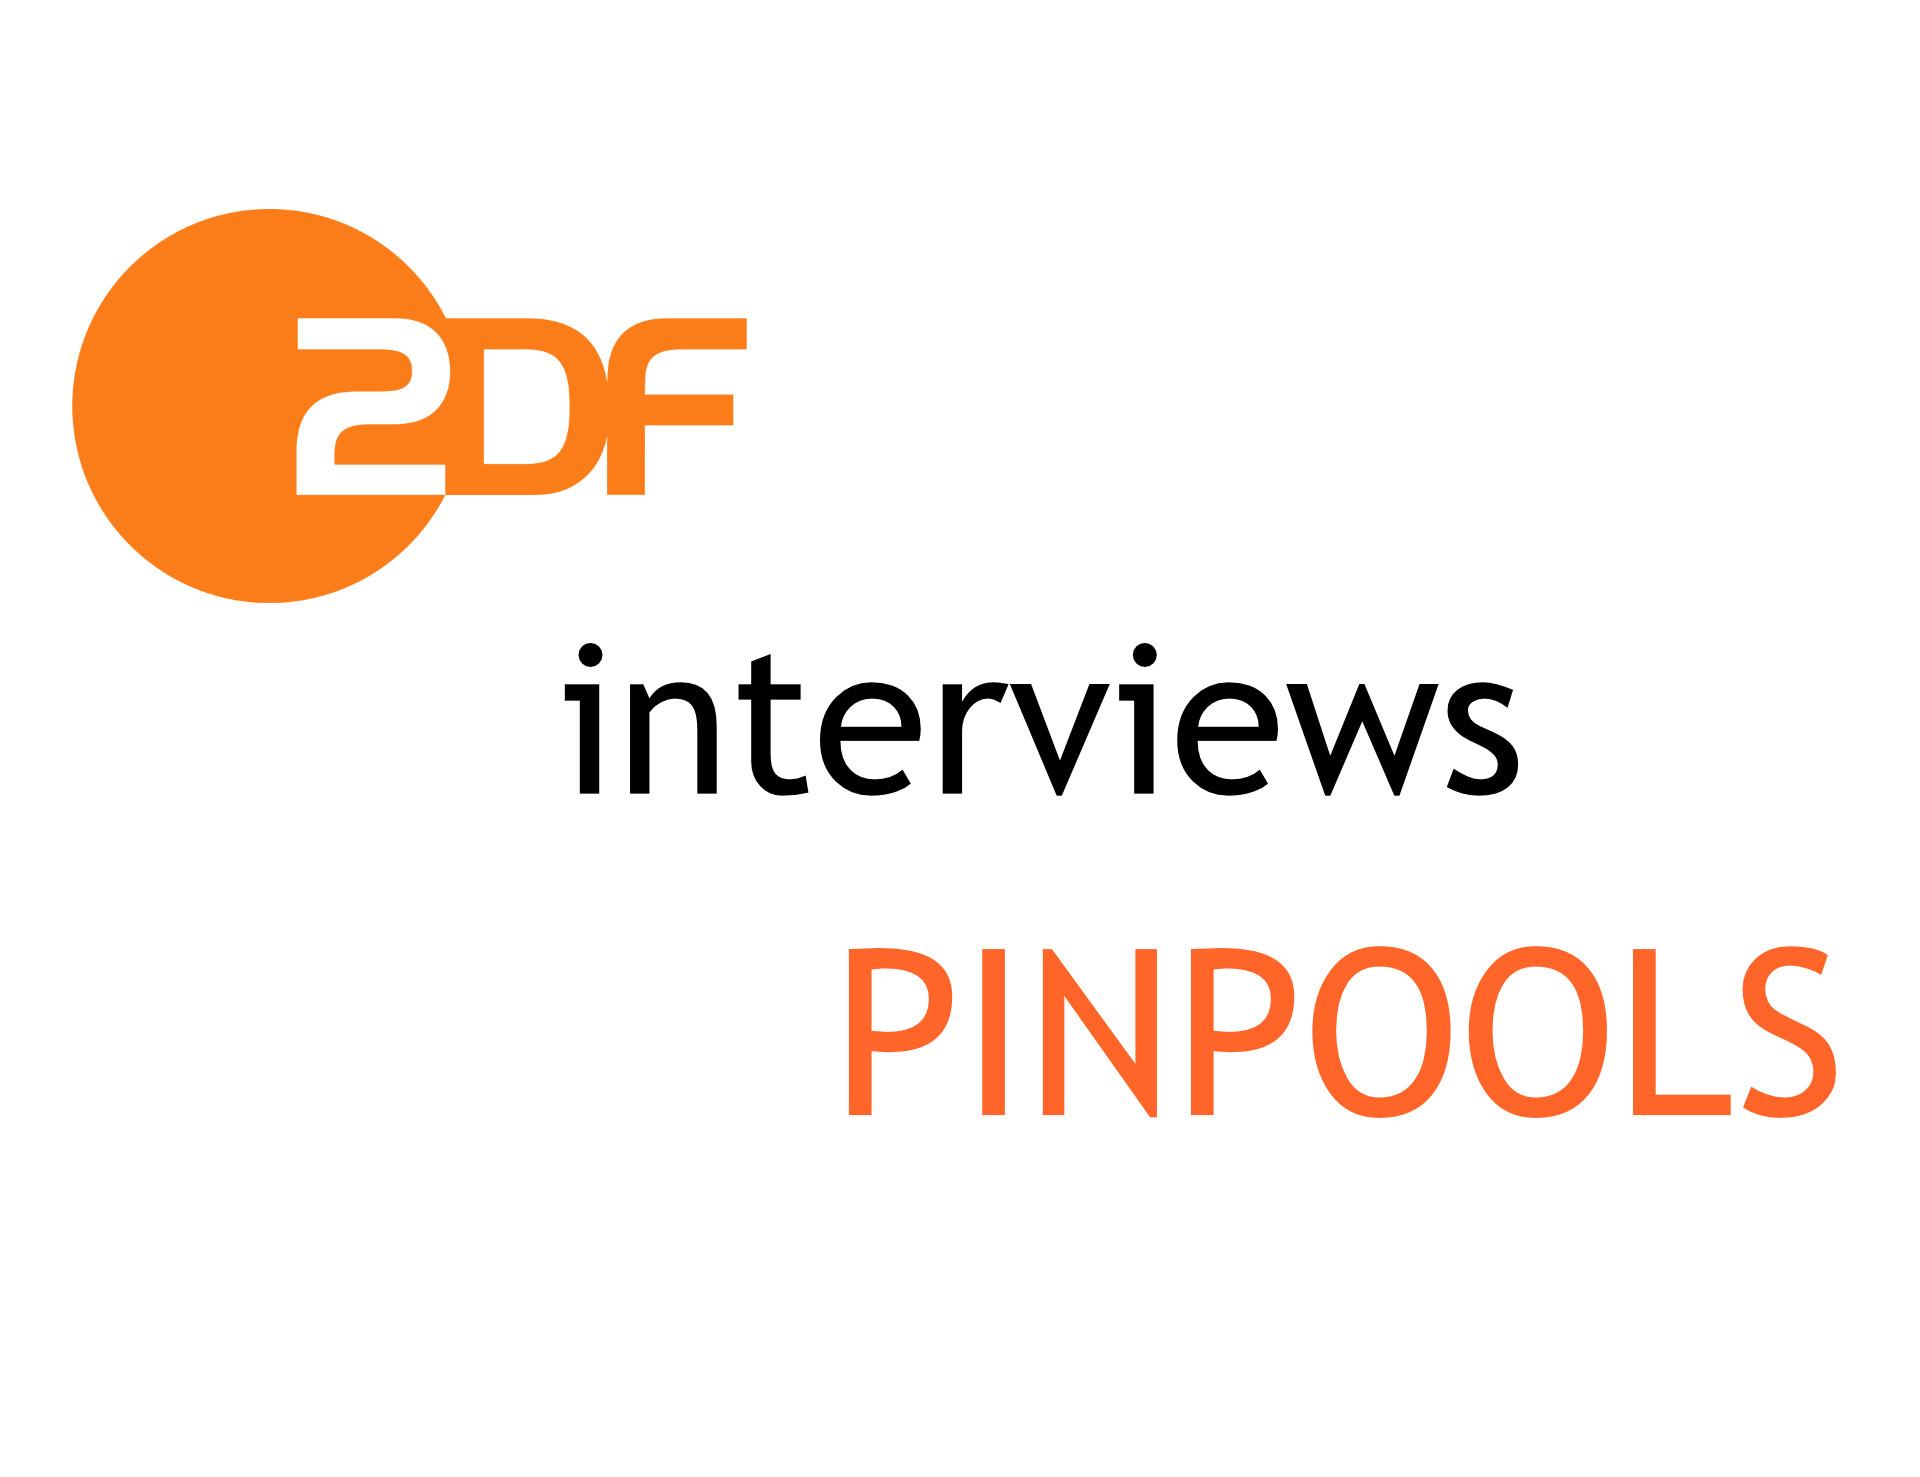 ZDF interviews PINPOOLS